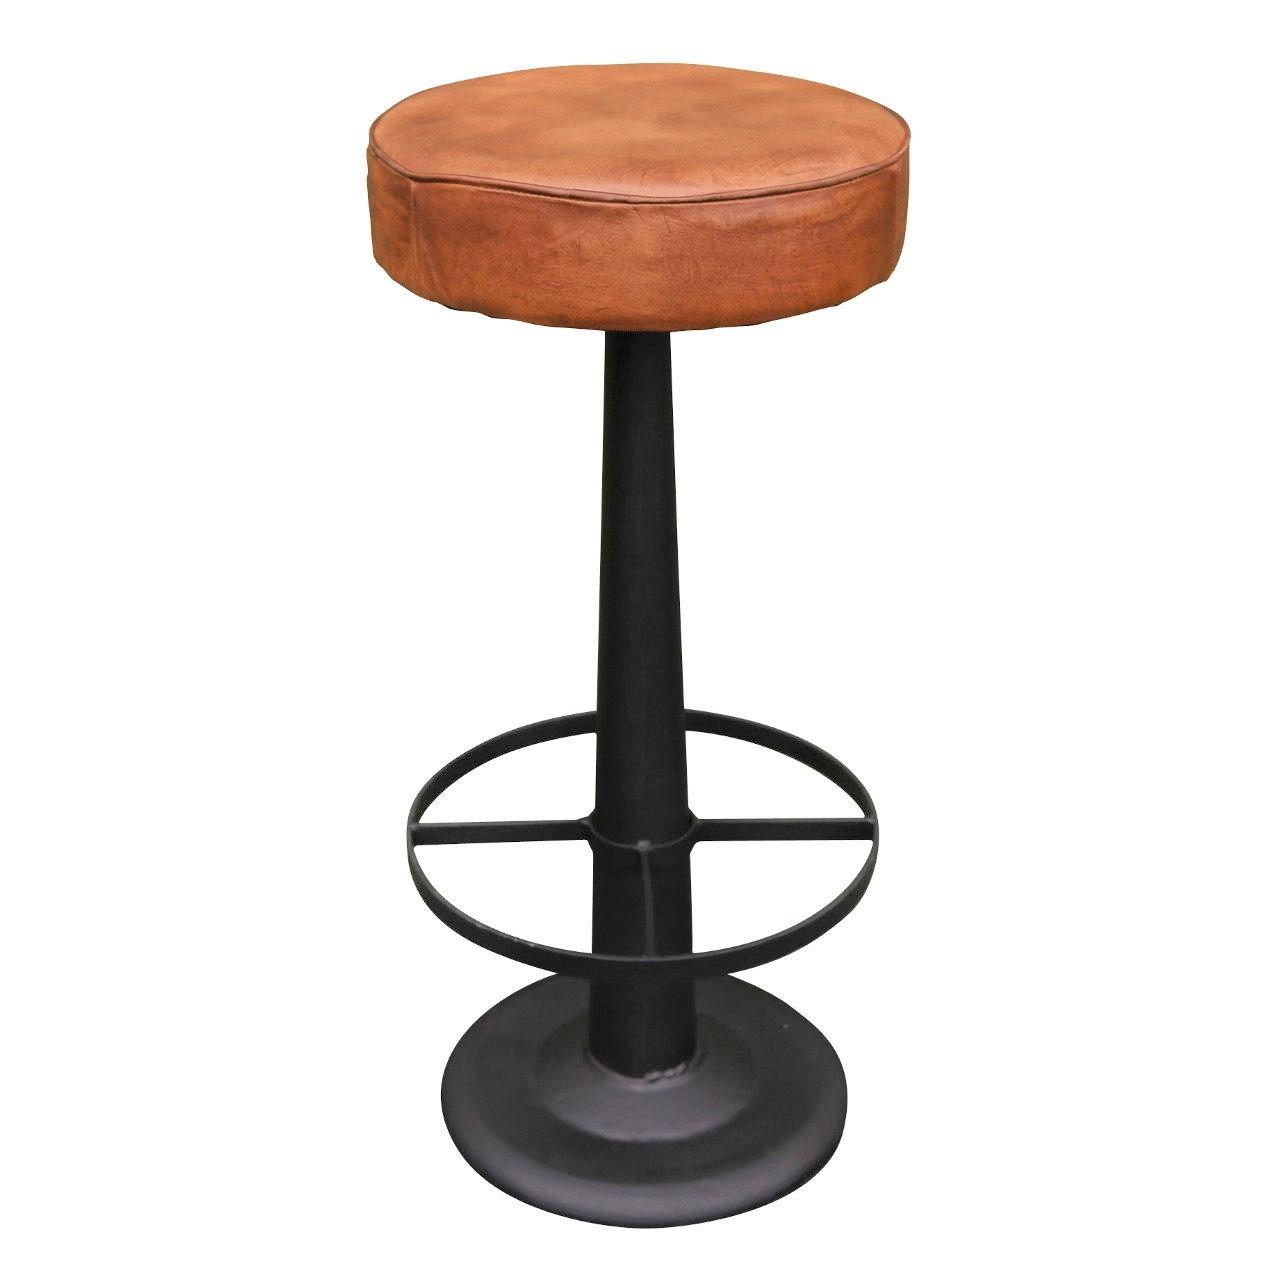 tan-high-stool